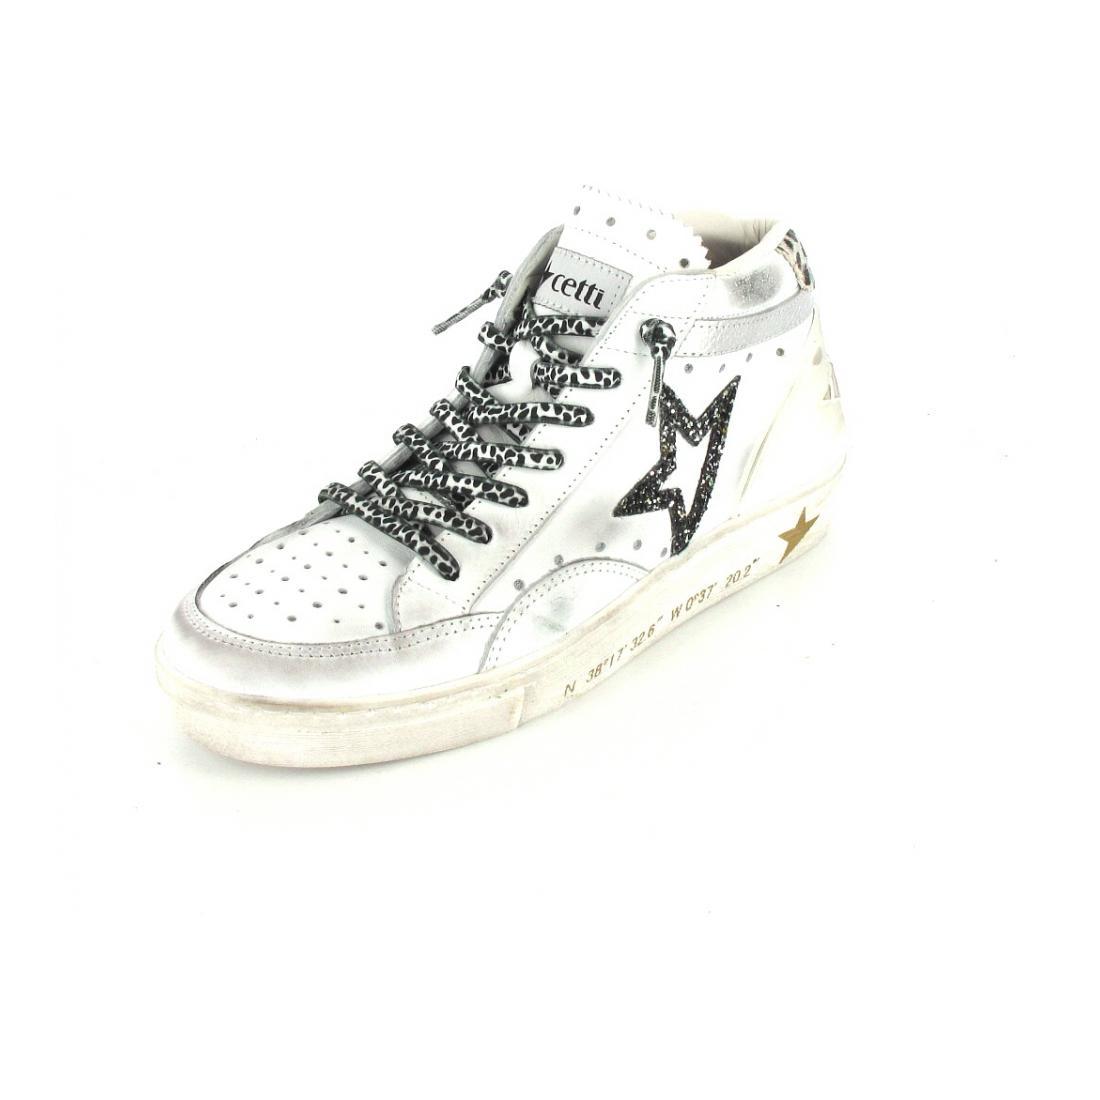 Cetti Sneaker Dirty White